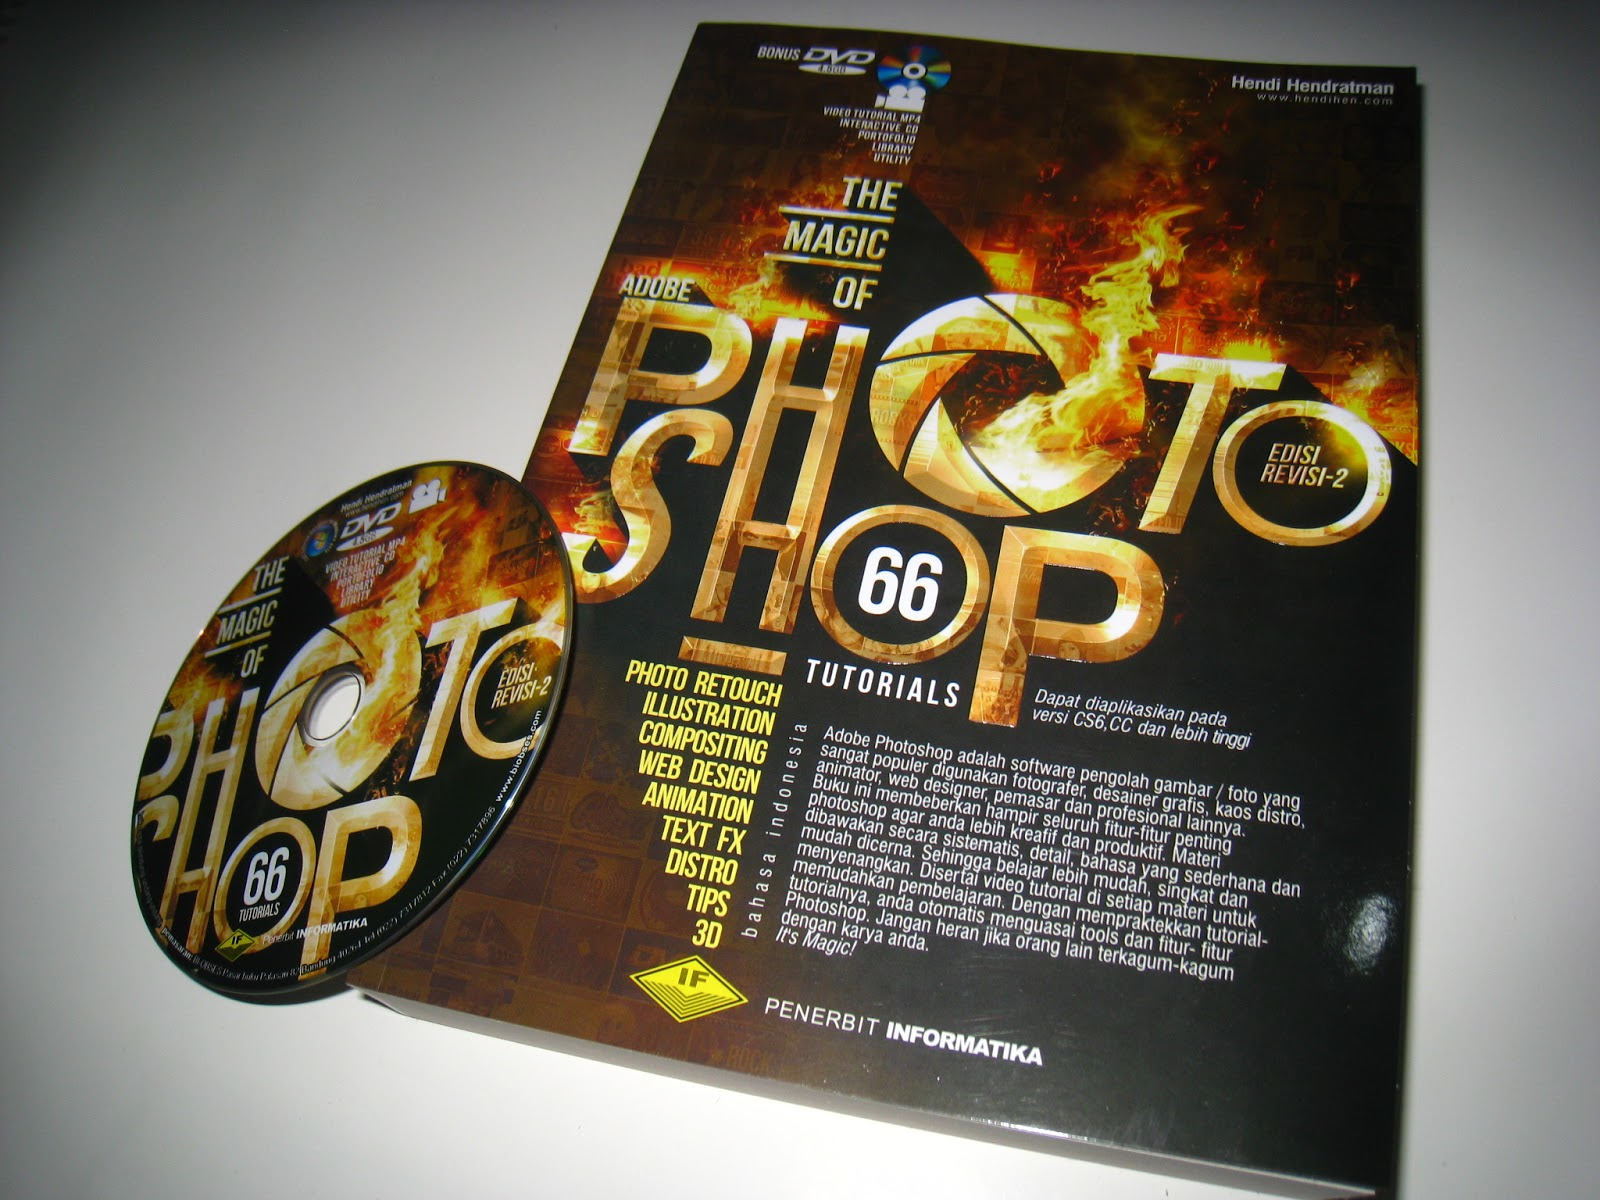 ... lengkap | Buku Editing Photoshop | THE MAGIC OF ADOBE PHOTOSHOP